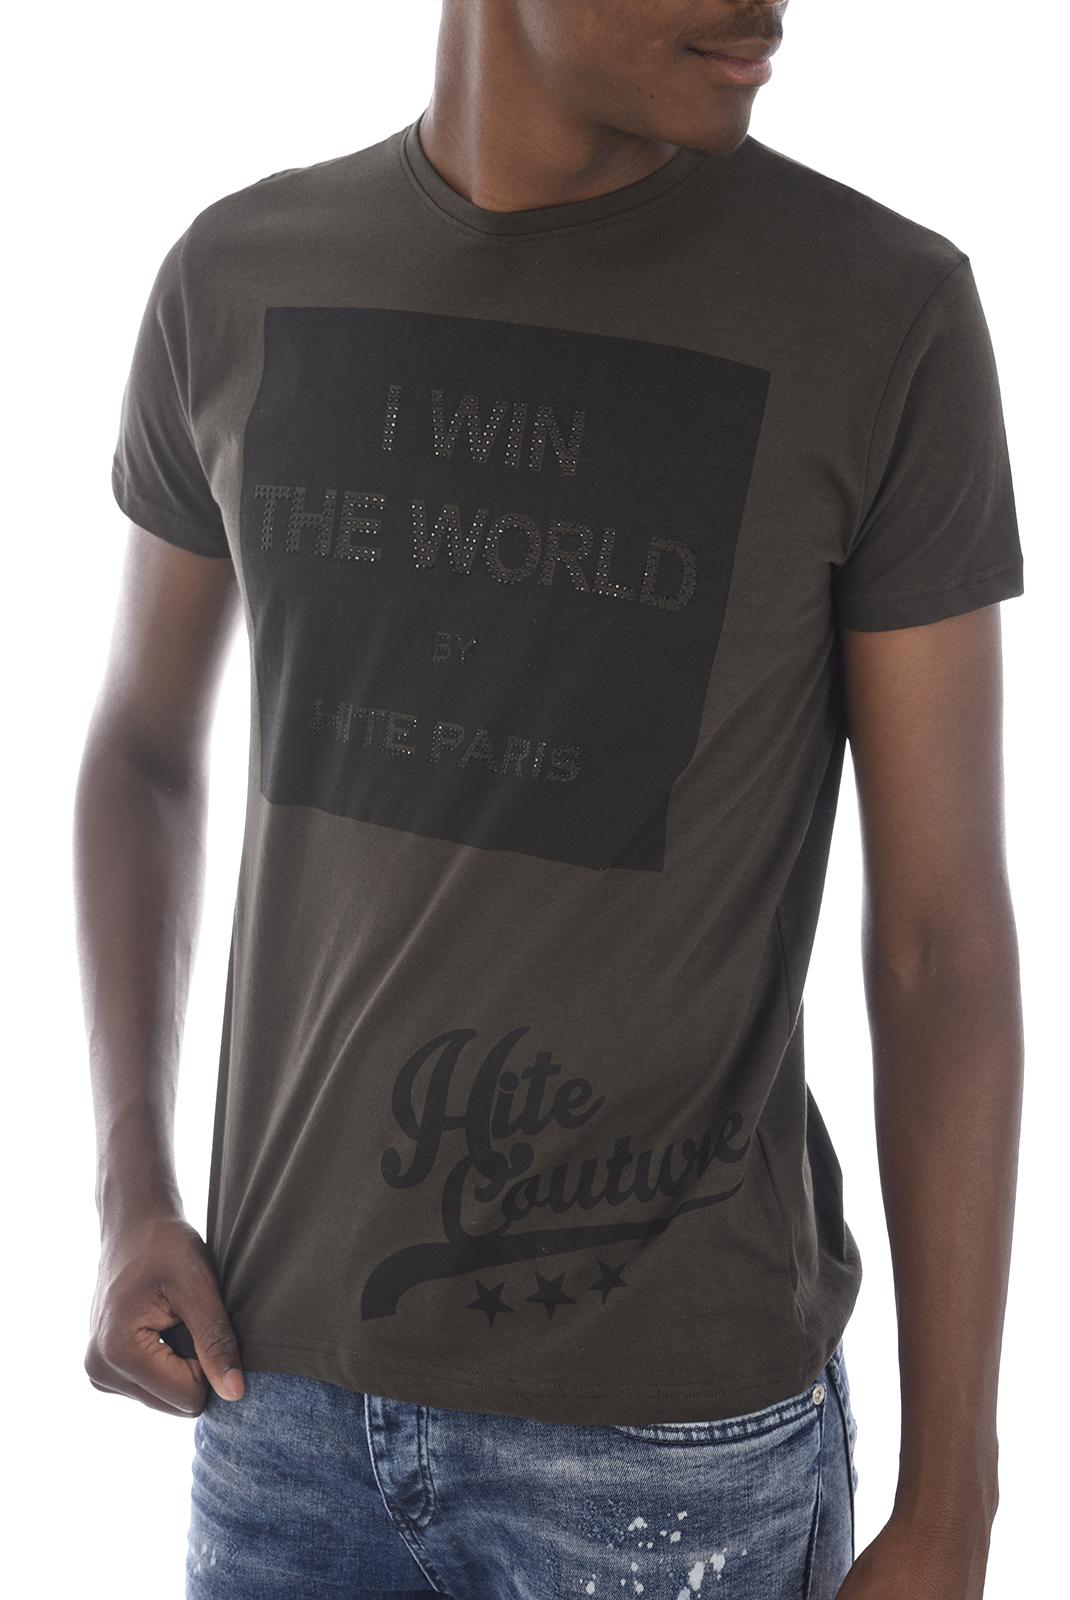 Tee-shirts  Hite couture MERIVER KAKI